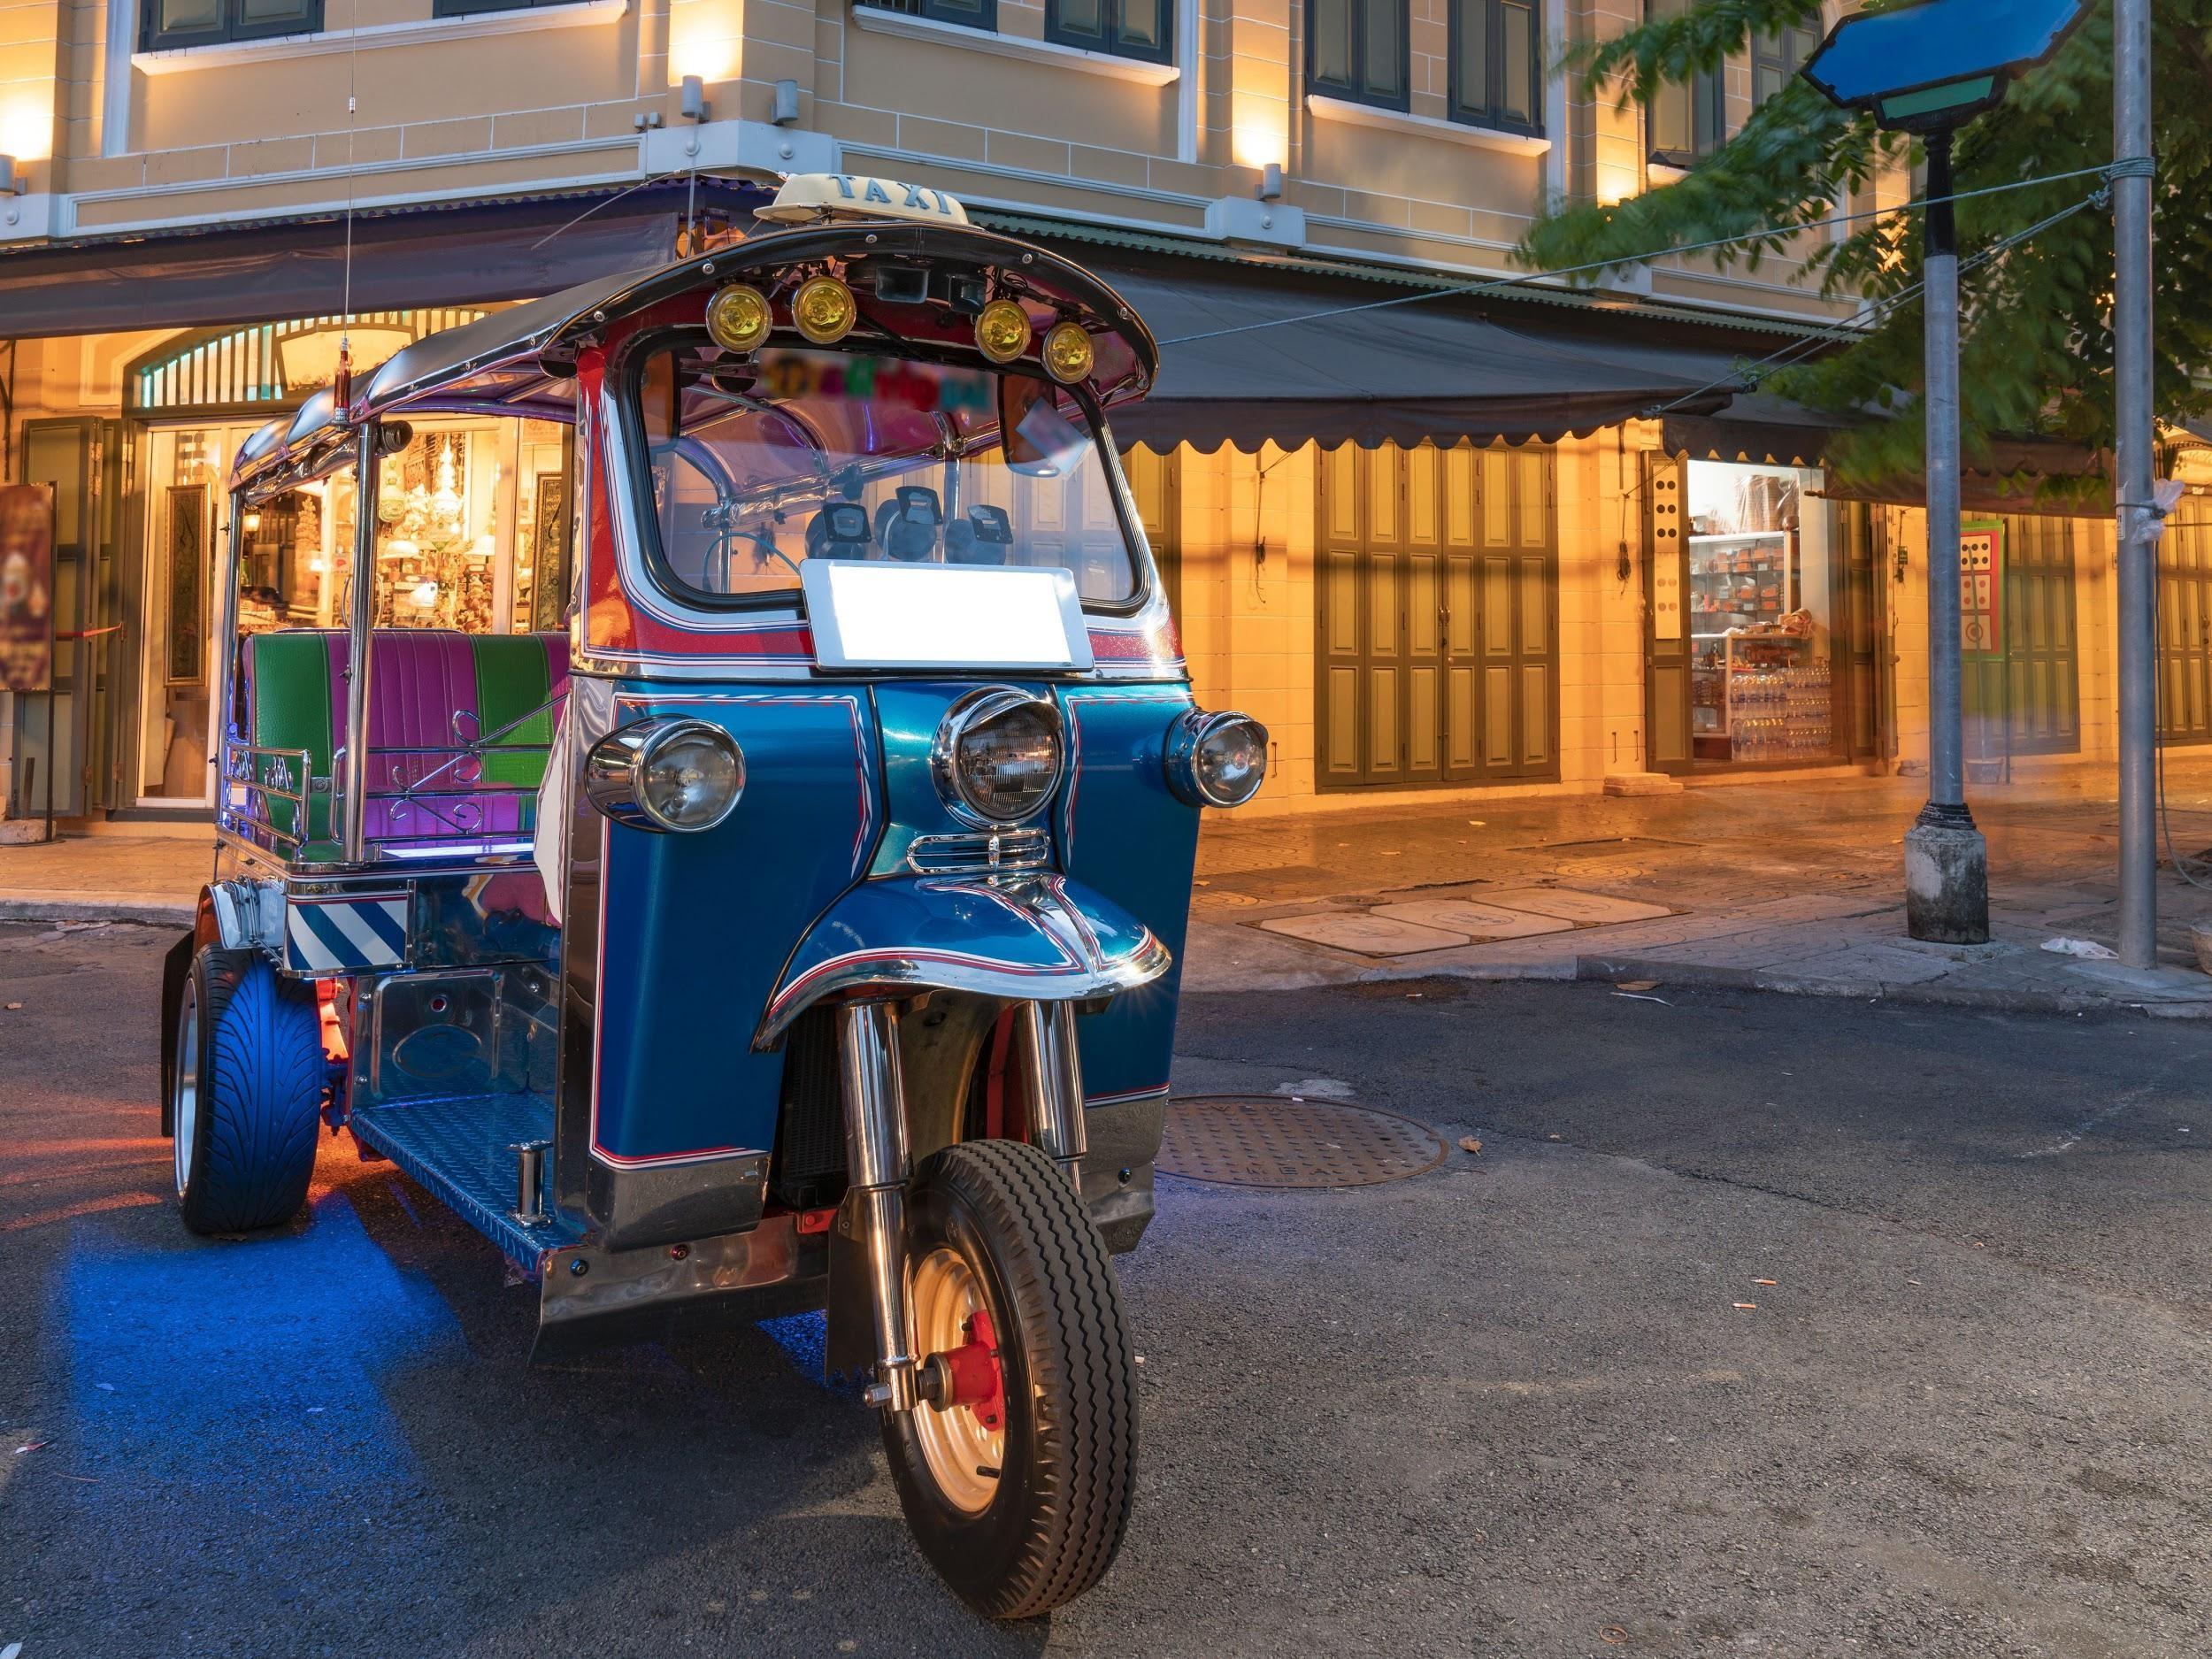 Tuk tuk là một phương tiện di chuyển độc đáo ở Thái Lan